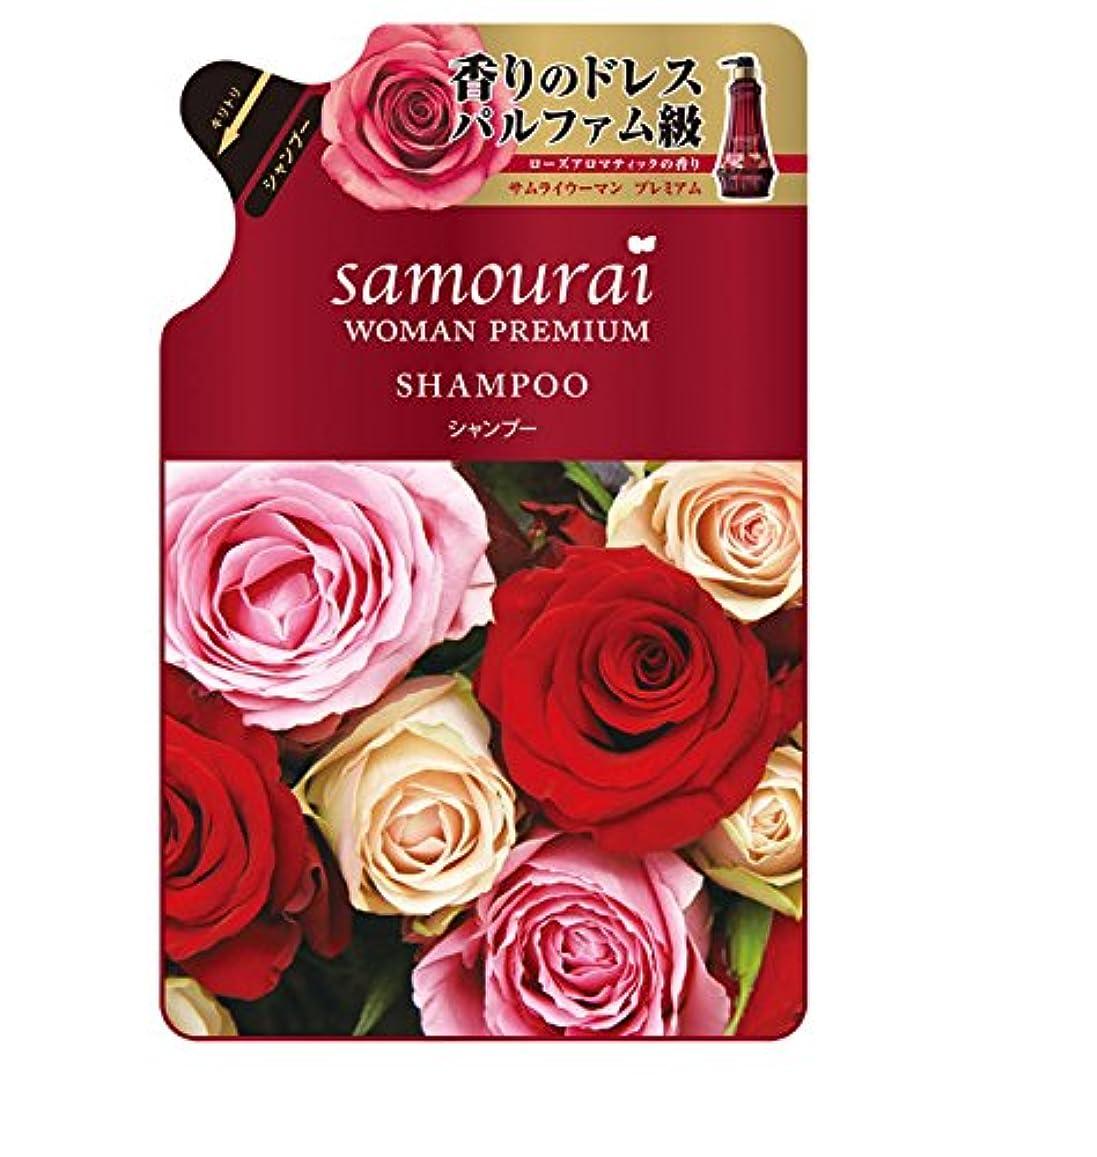 織る告発者剪断Samourai woman(サムライウーマン) サムライウーマン プレミアム シャンプーつめかえ用 370mL